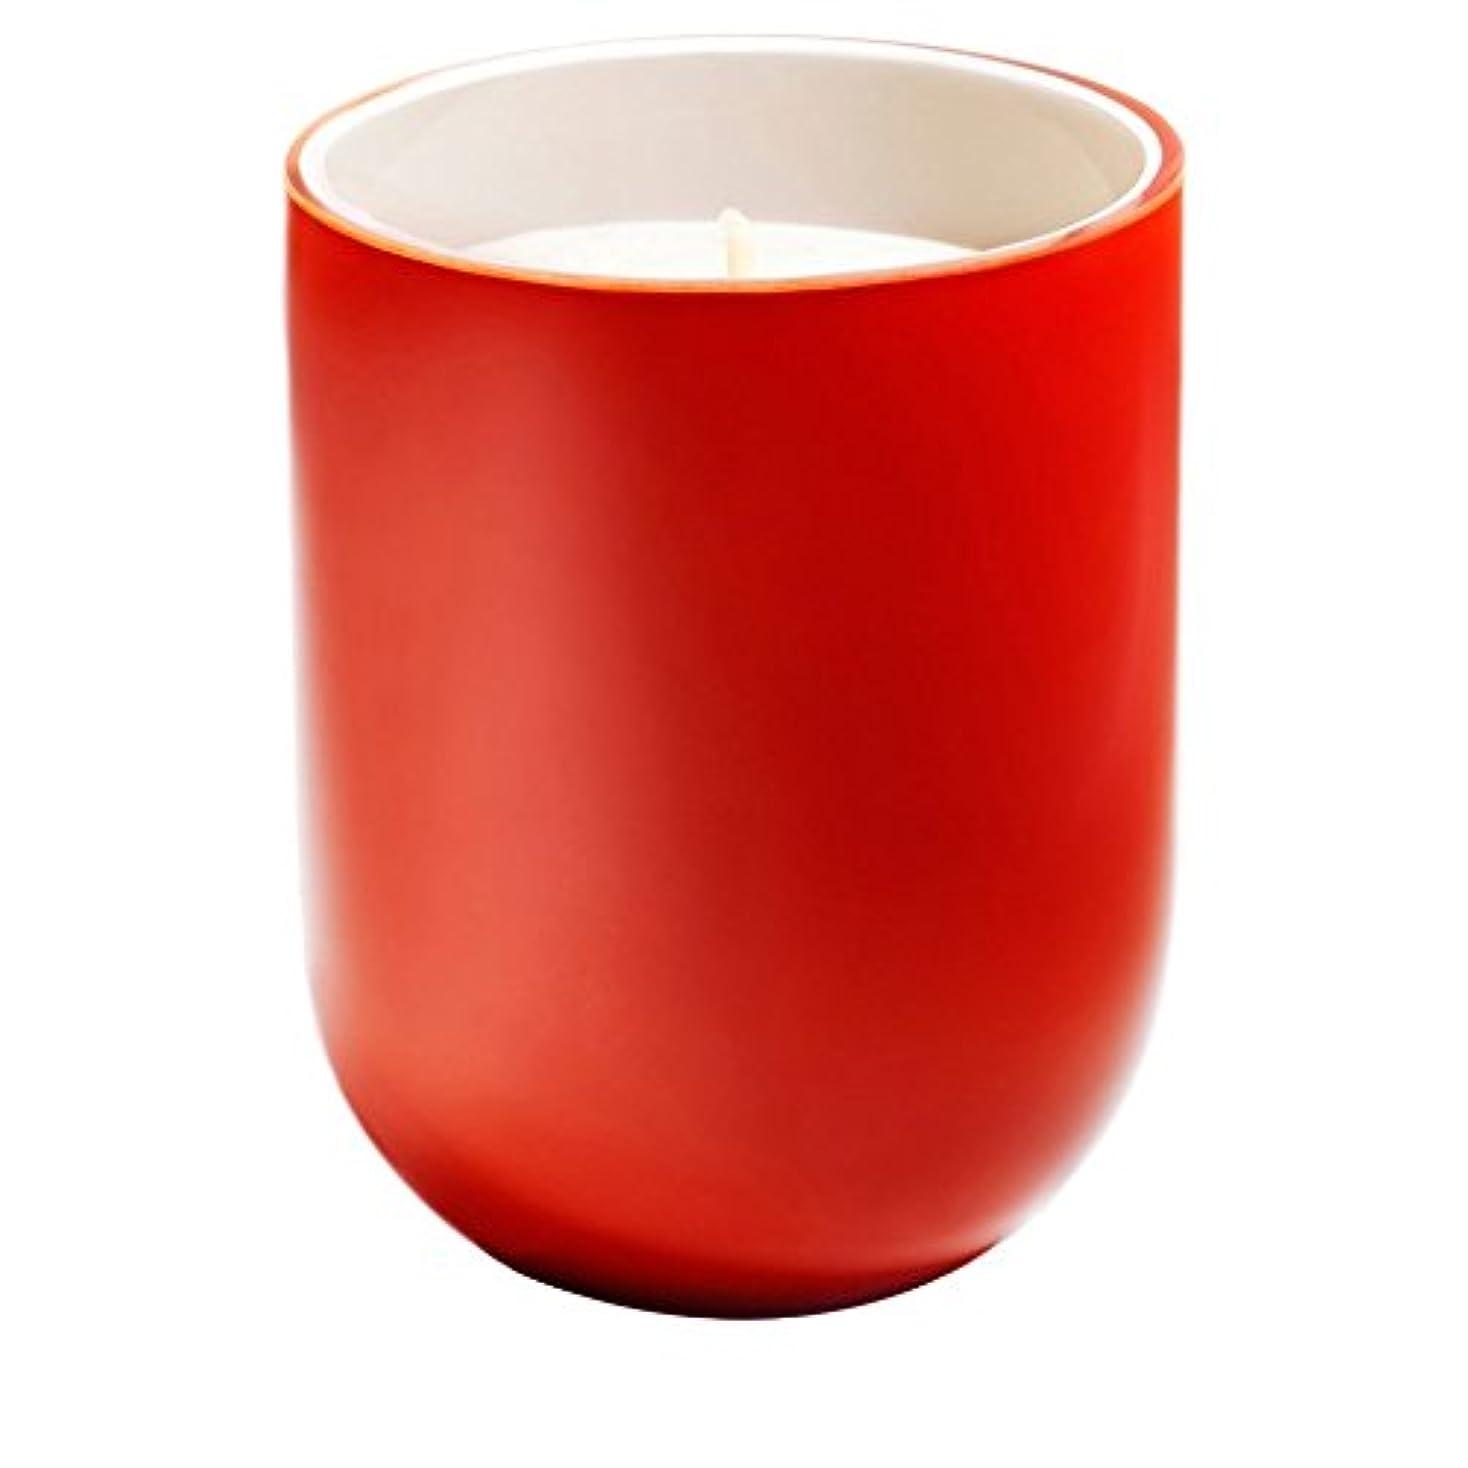 課税西部郵便番号Frederic Malle 1er Mai Scented Candle (Pack of 2) - フレデリック?マルプルミエ舞香りのキャンドル x2 [並行輸入品]